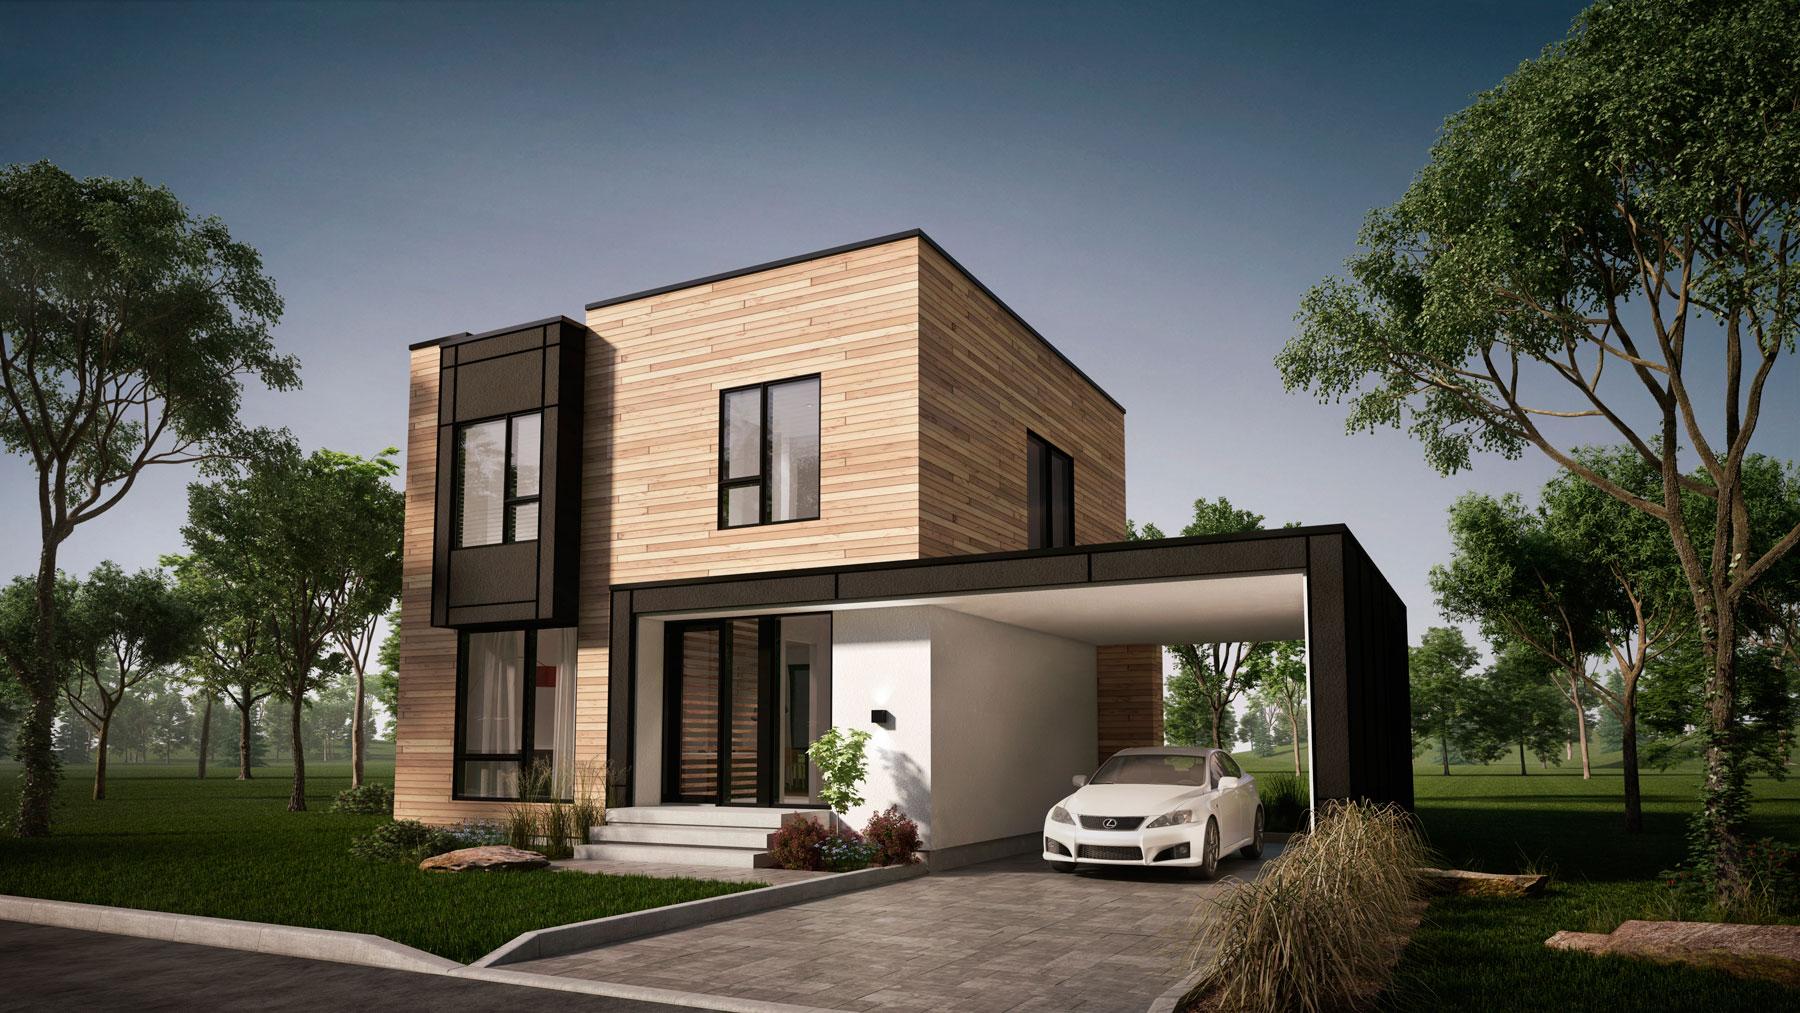 plan de maison moderne carport